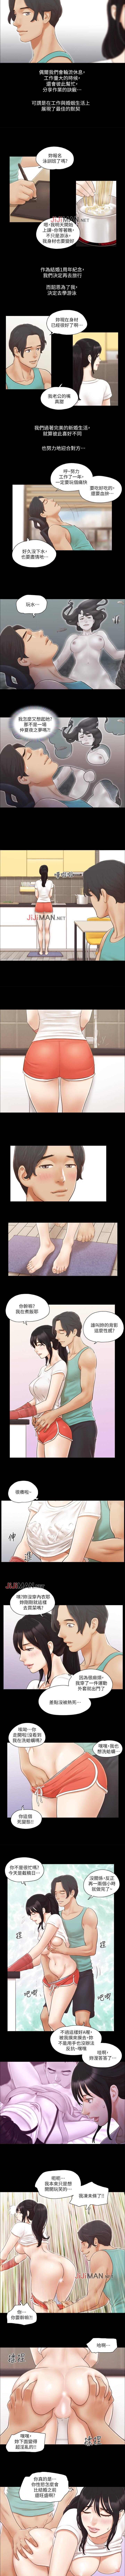 【周五连载】协议换爱(作者:遠德) 第1~57话 55